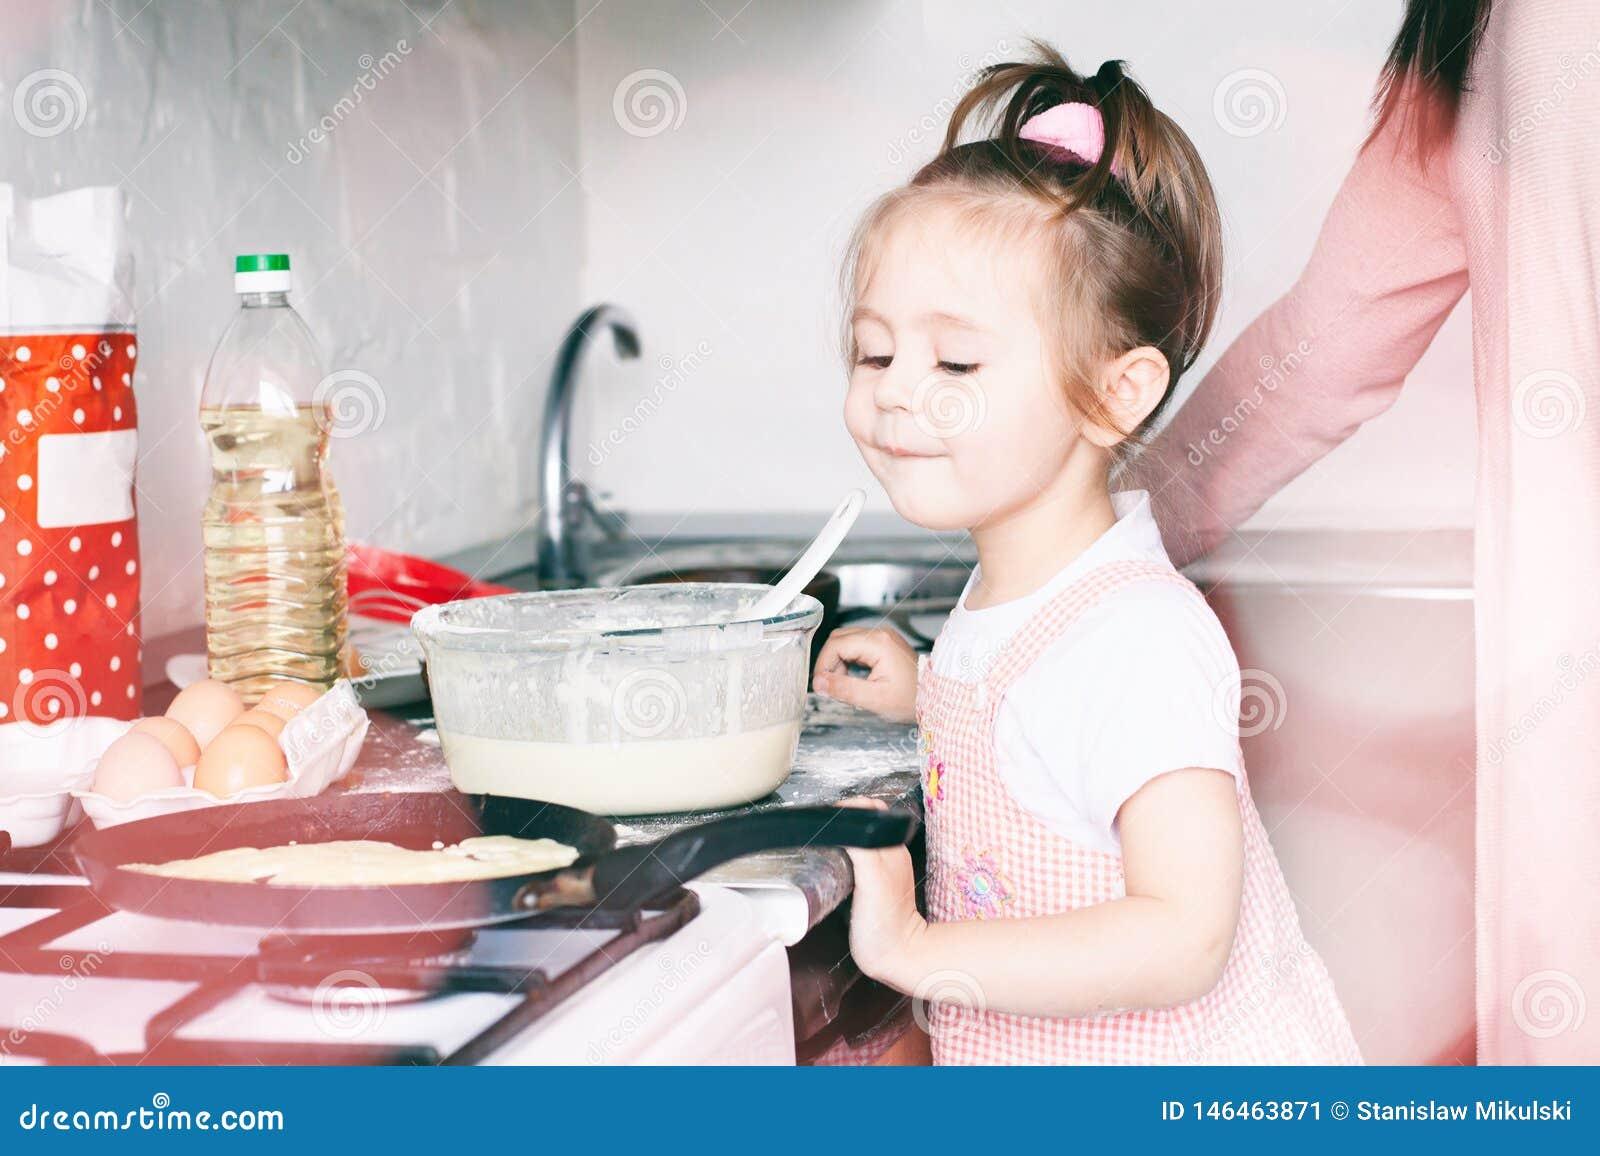 Wenig s??es M?dchen und ihre Mutterfischrogenpfannkuchen am traditionellen russischen Feiertag Karneval Maslenitsa Shrovetide